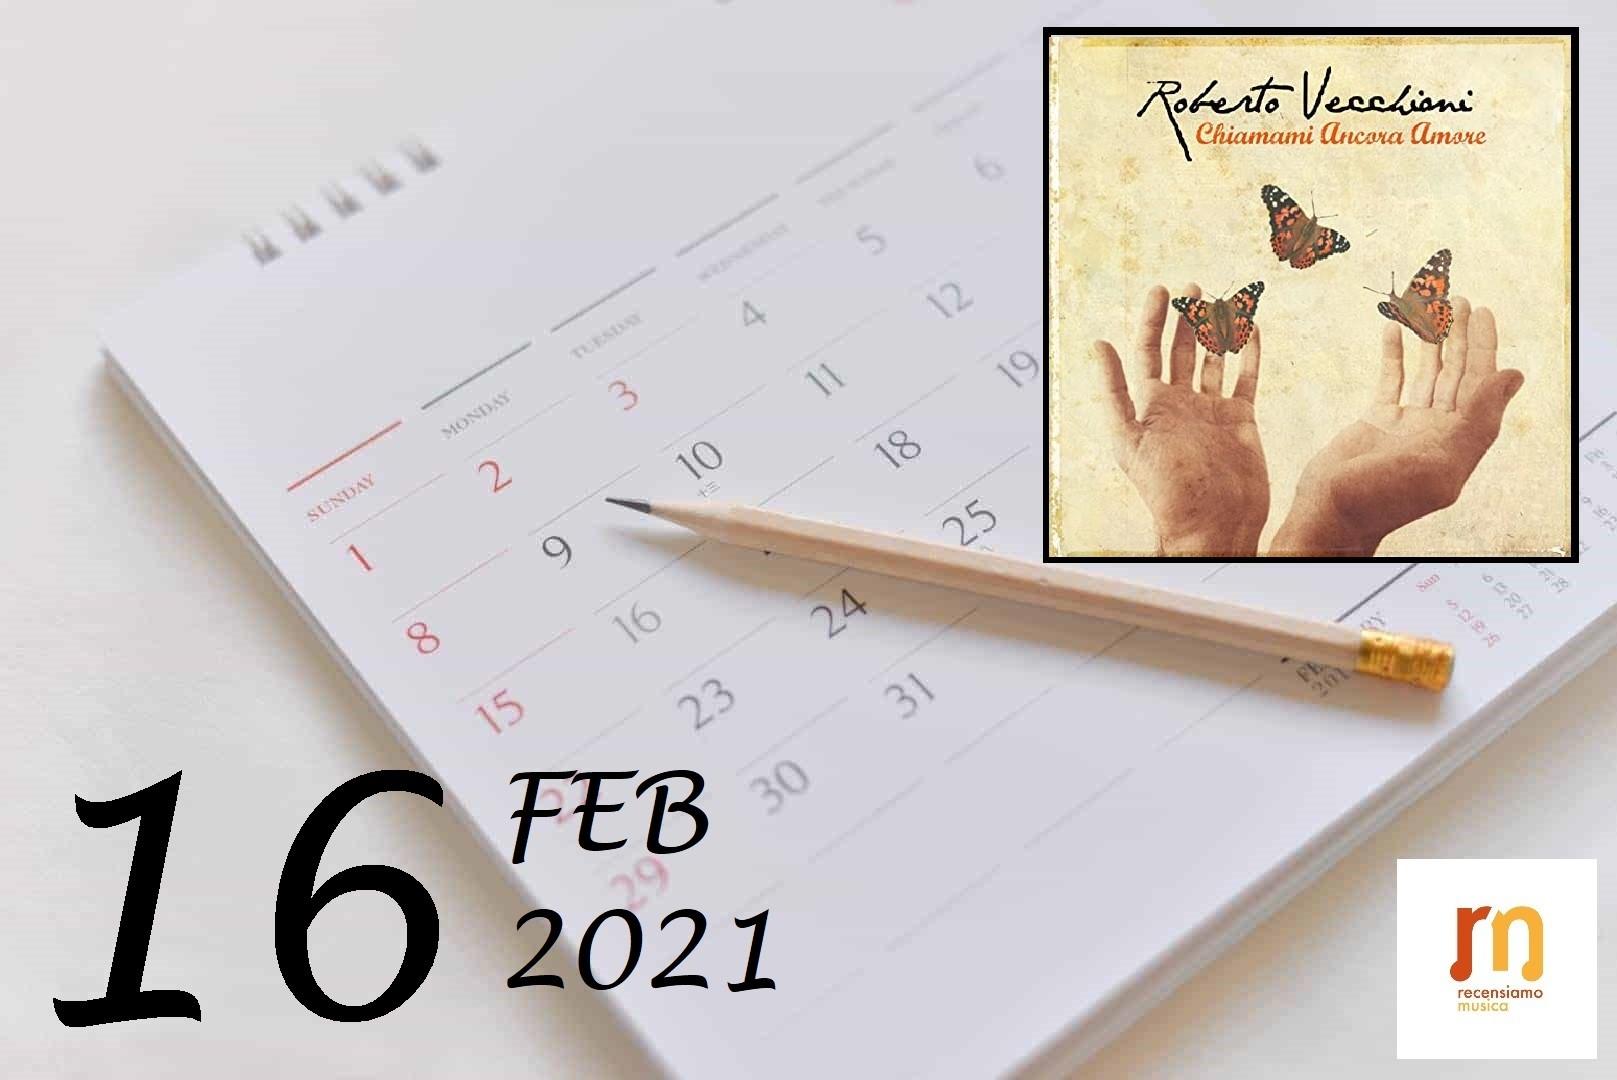 16 febbraio chiamami ancora amore | recensiamomusica.com